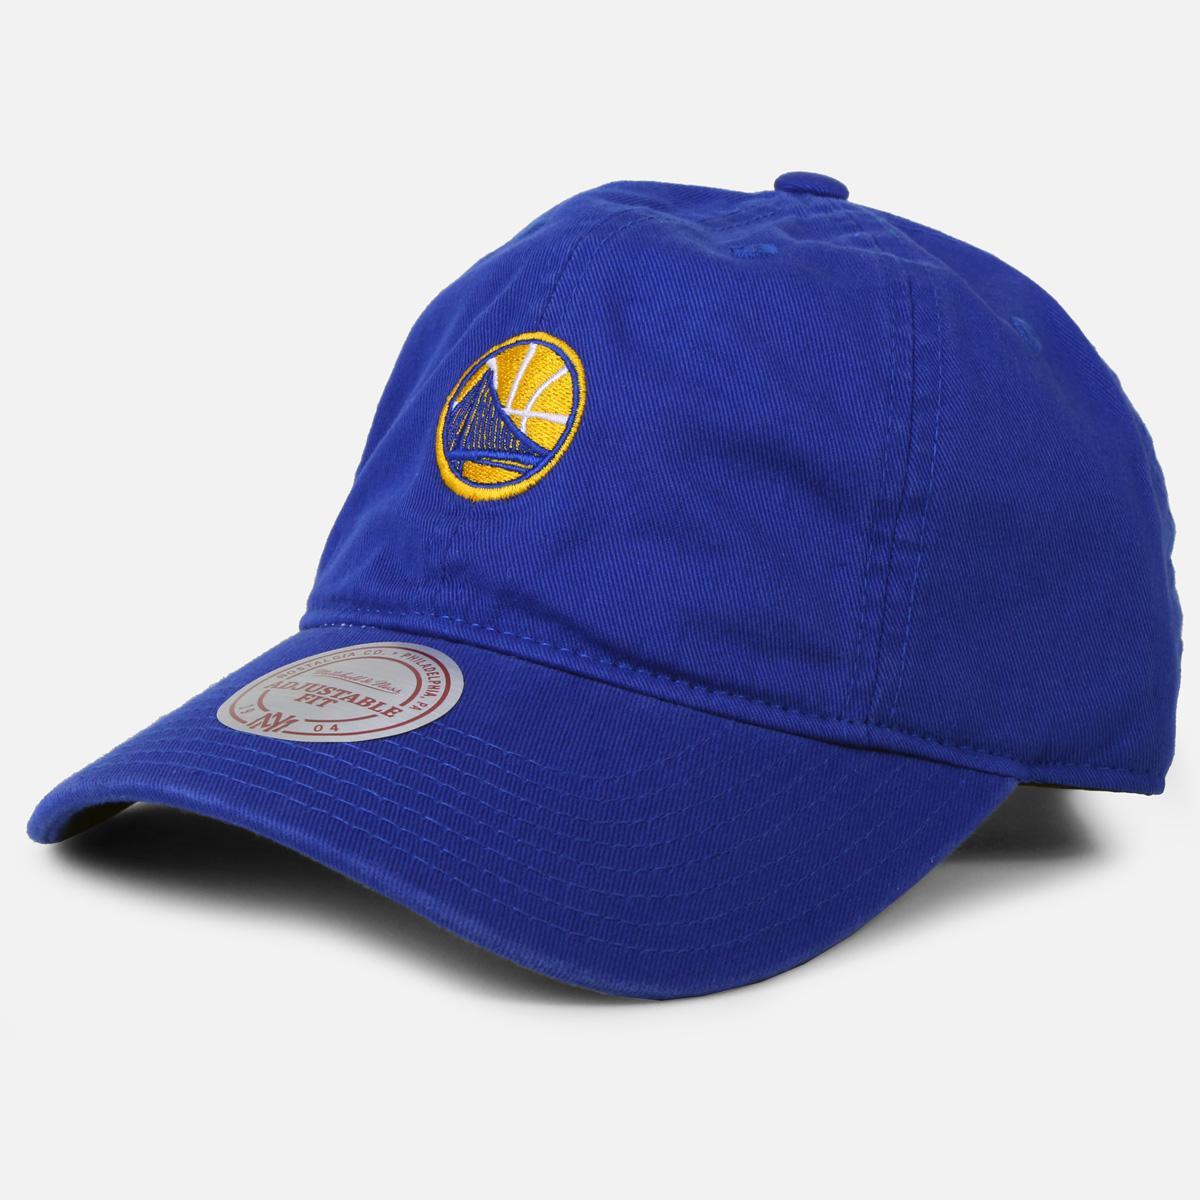 59b0c246 Lyst - Mitchell & Ness Team Logo Dad Hat-golden State Warriors in ...